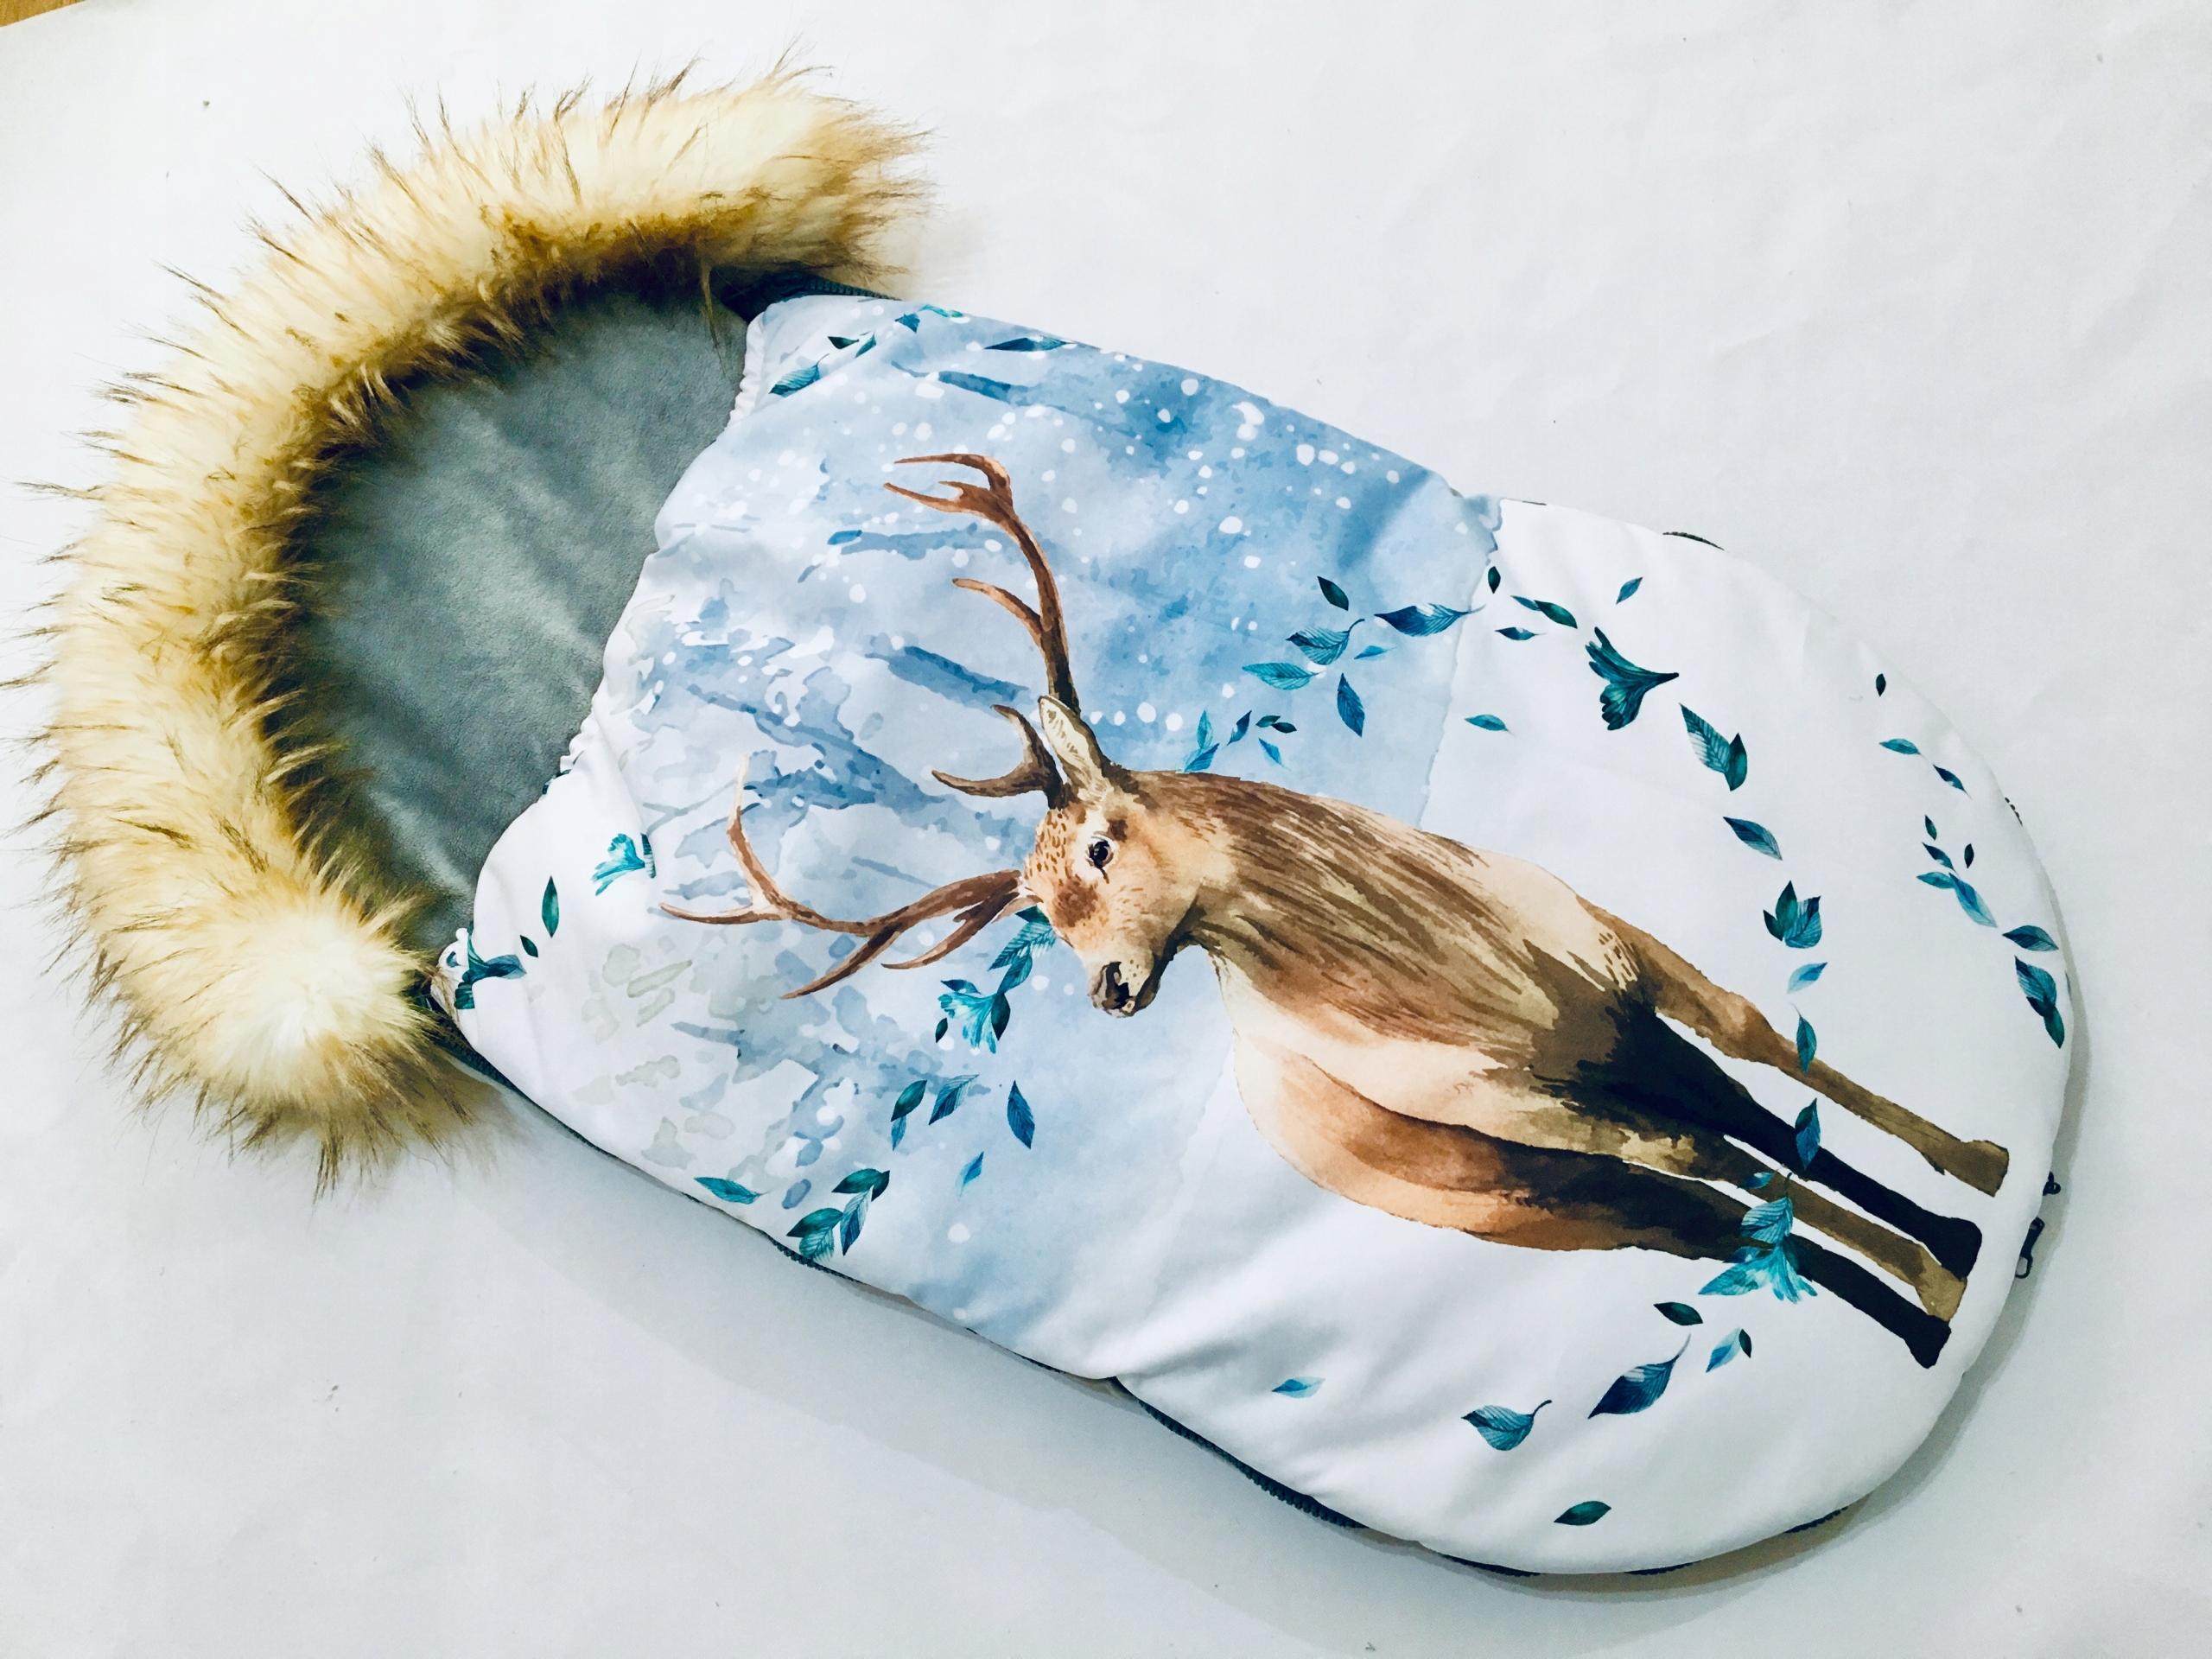 4v1 zimný jeleňový spacák pre sánkový vozík